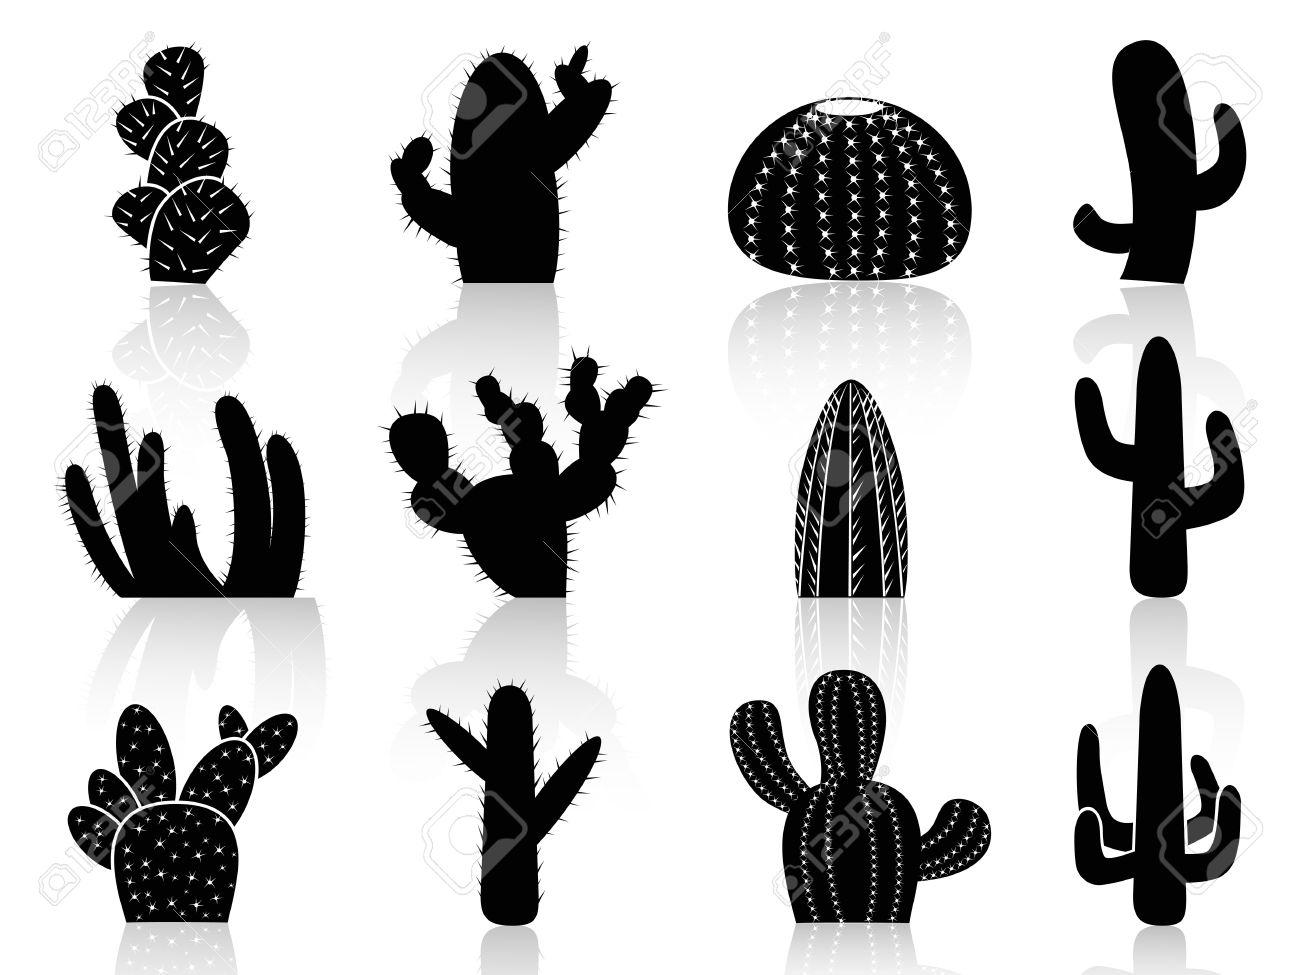 cactus silhouette clipart #12